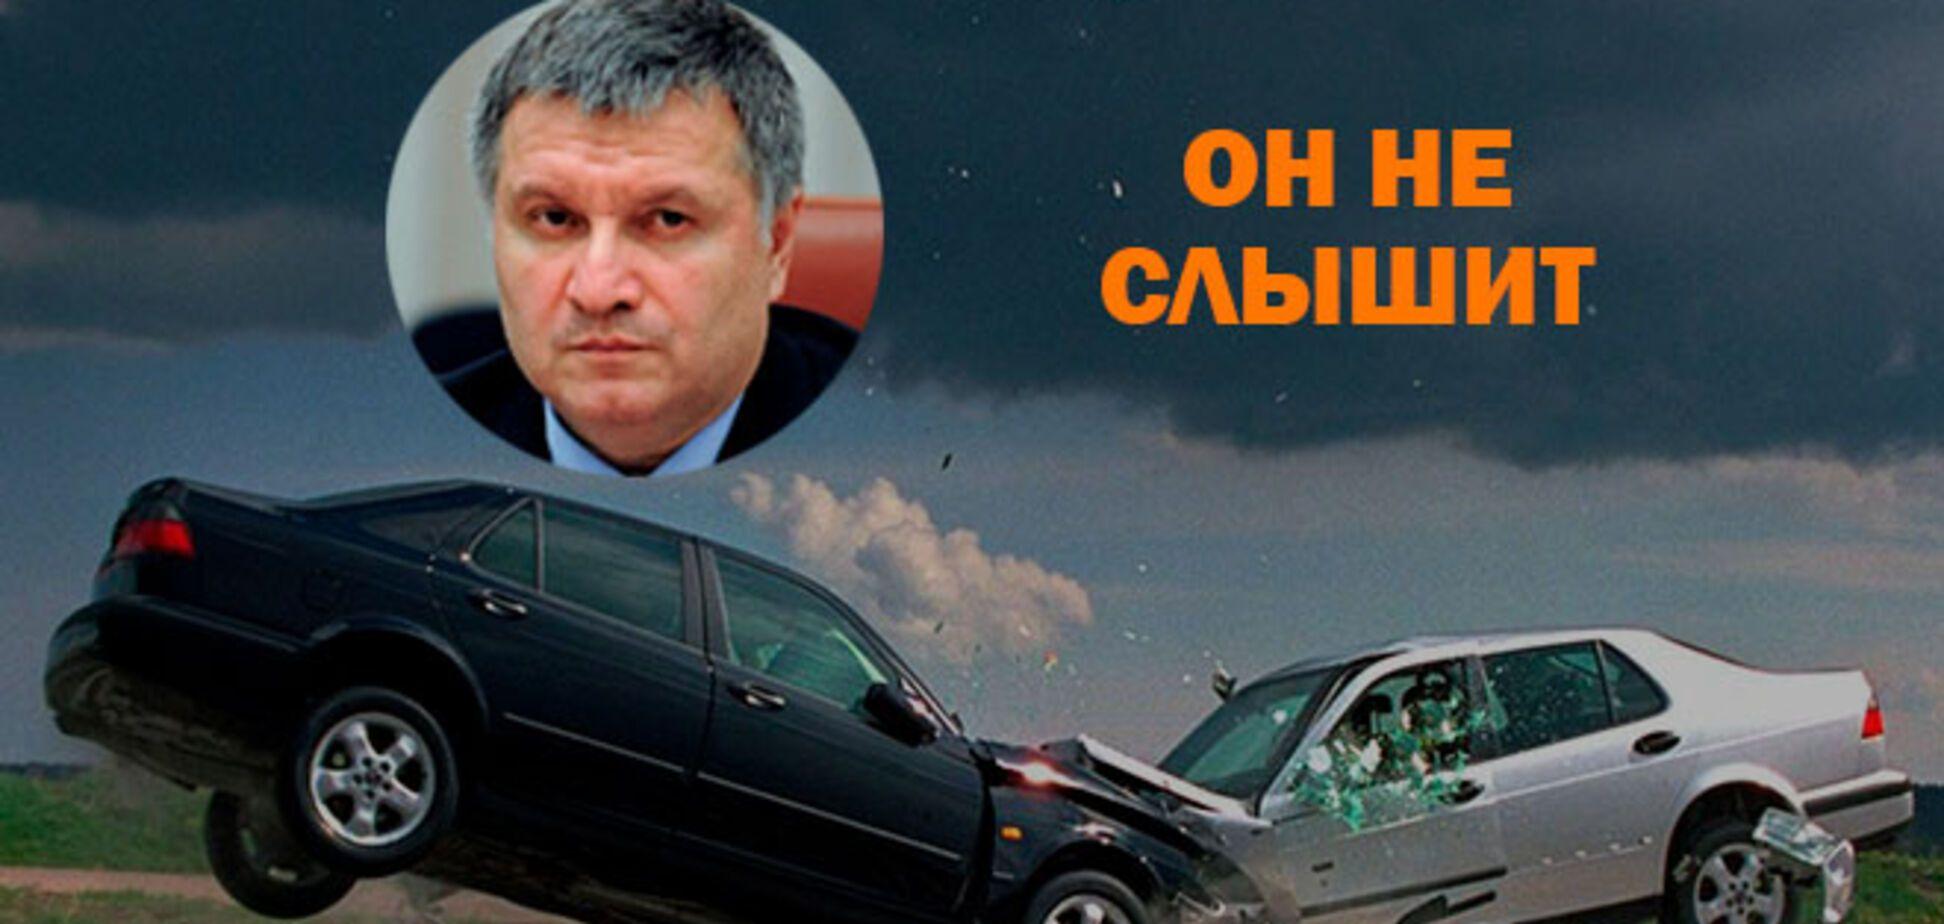 Людей разметало по дороге: в Харькове произошло смертельное ДТП